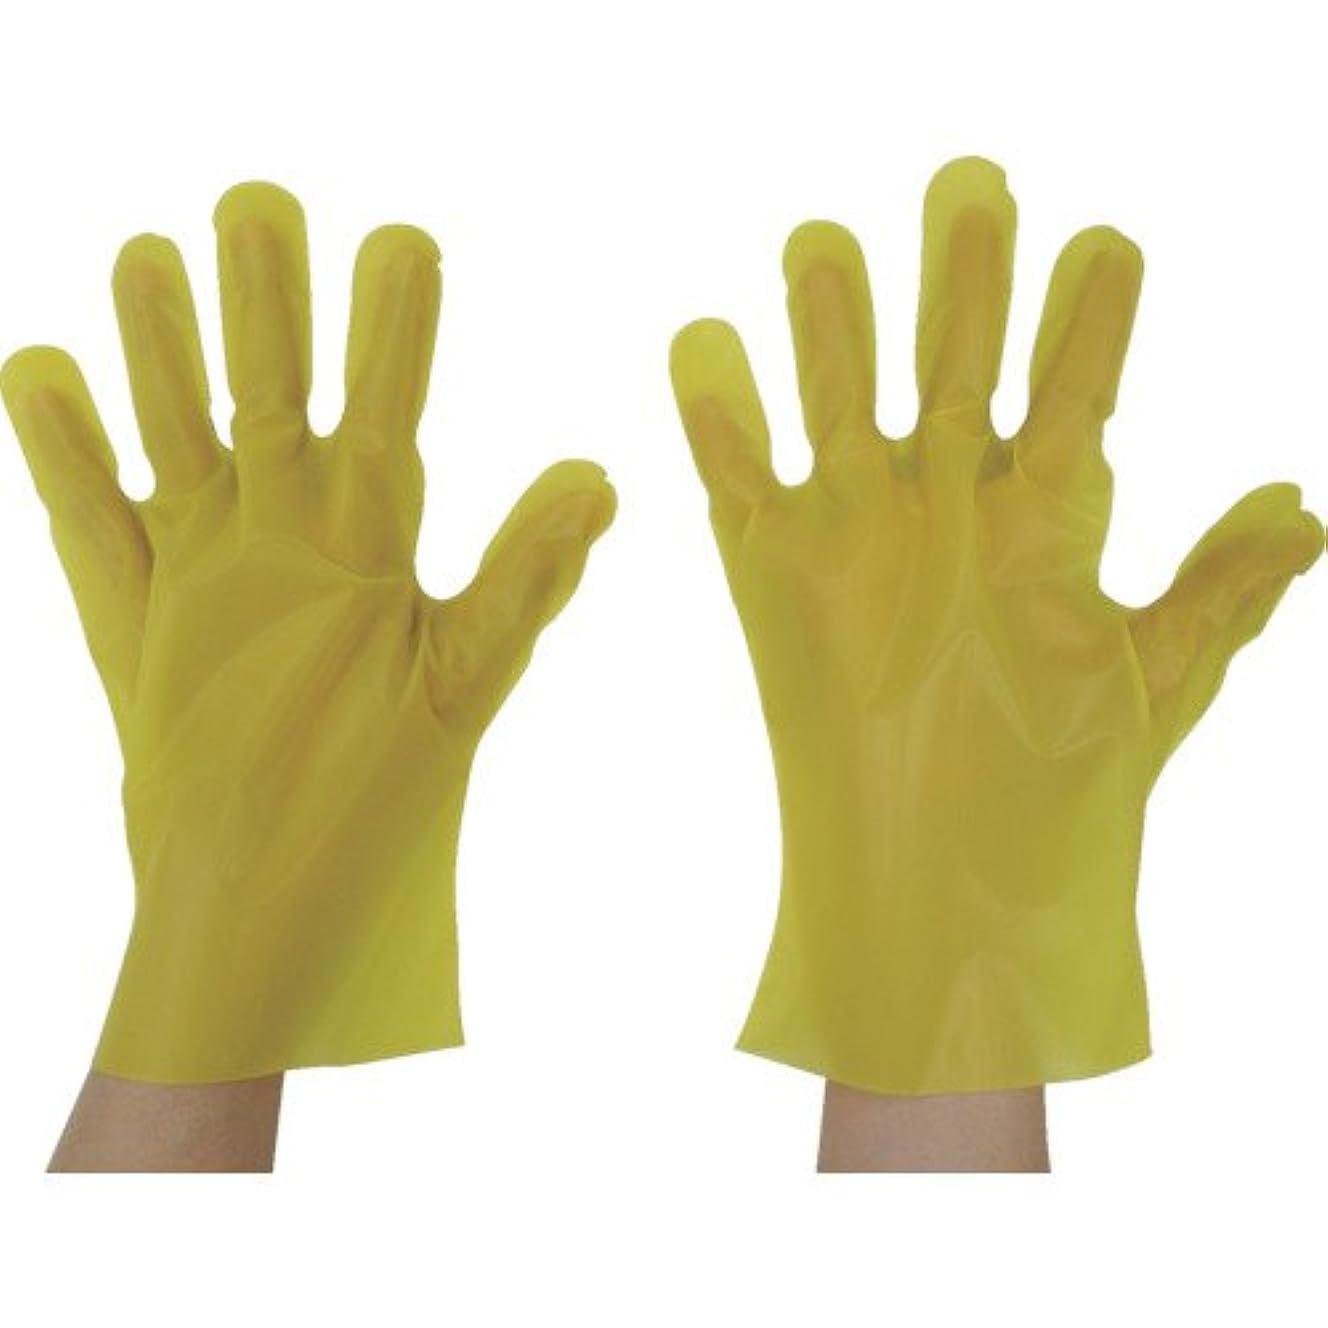 組み立てる古くなった請求書東京パック エンボス手袋五本絞りエコノミー化粧箱S イエロー YEK-S